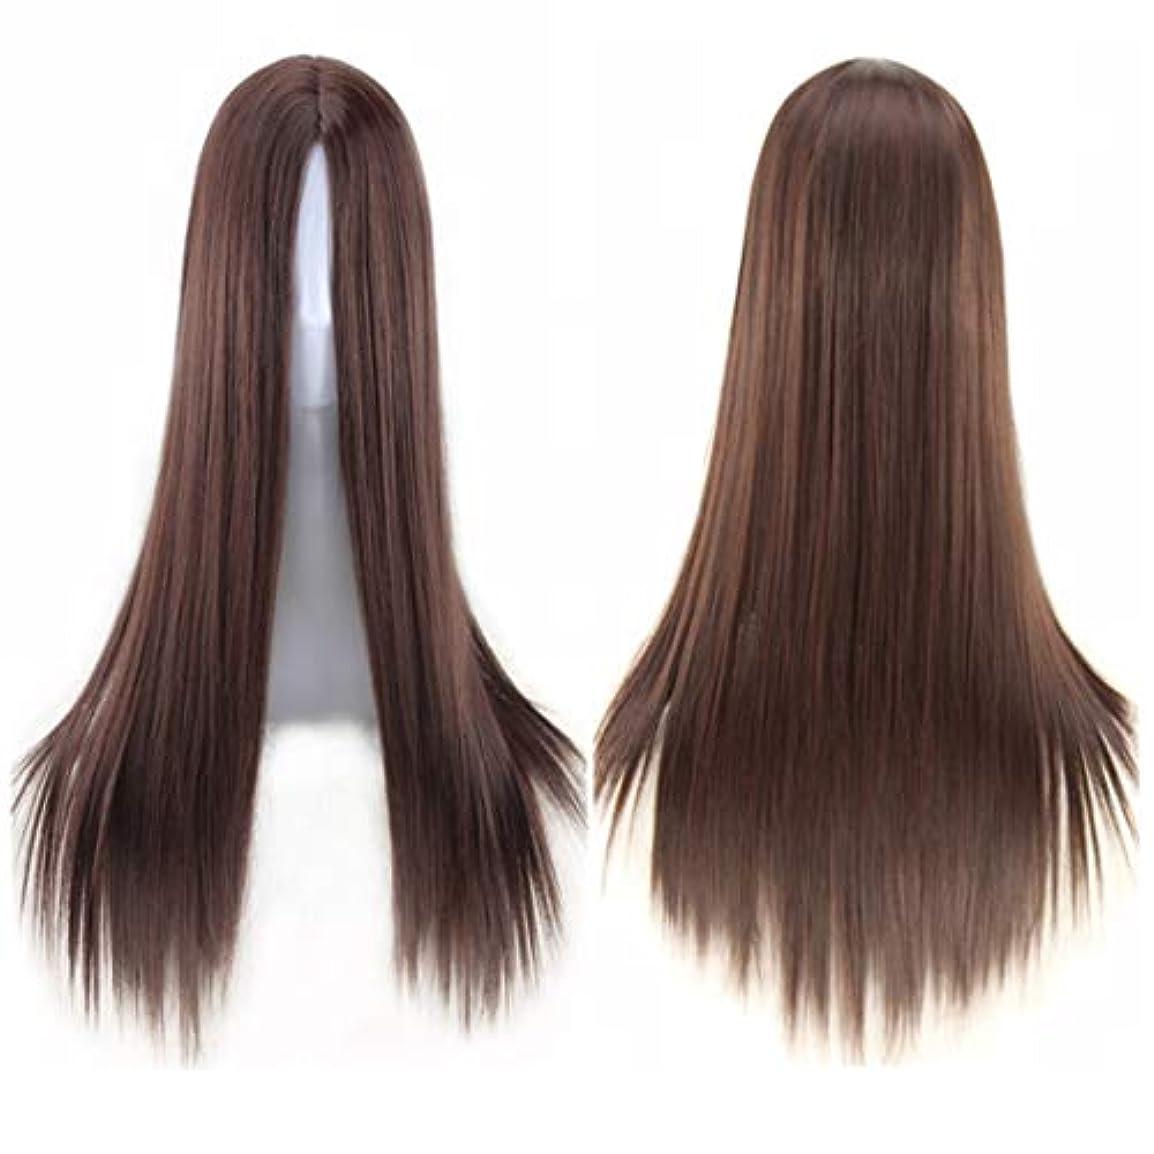 温かい適度に退屈させるKoloeplf ミドルの前髪のかつら耐熱ウィッグ65 cmのロングストレートウィッグの人々のためのパーティーパフォーマンスカラーウィッグ(マルチカラー) (Color : Navy brown)